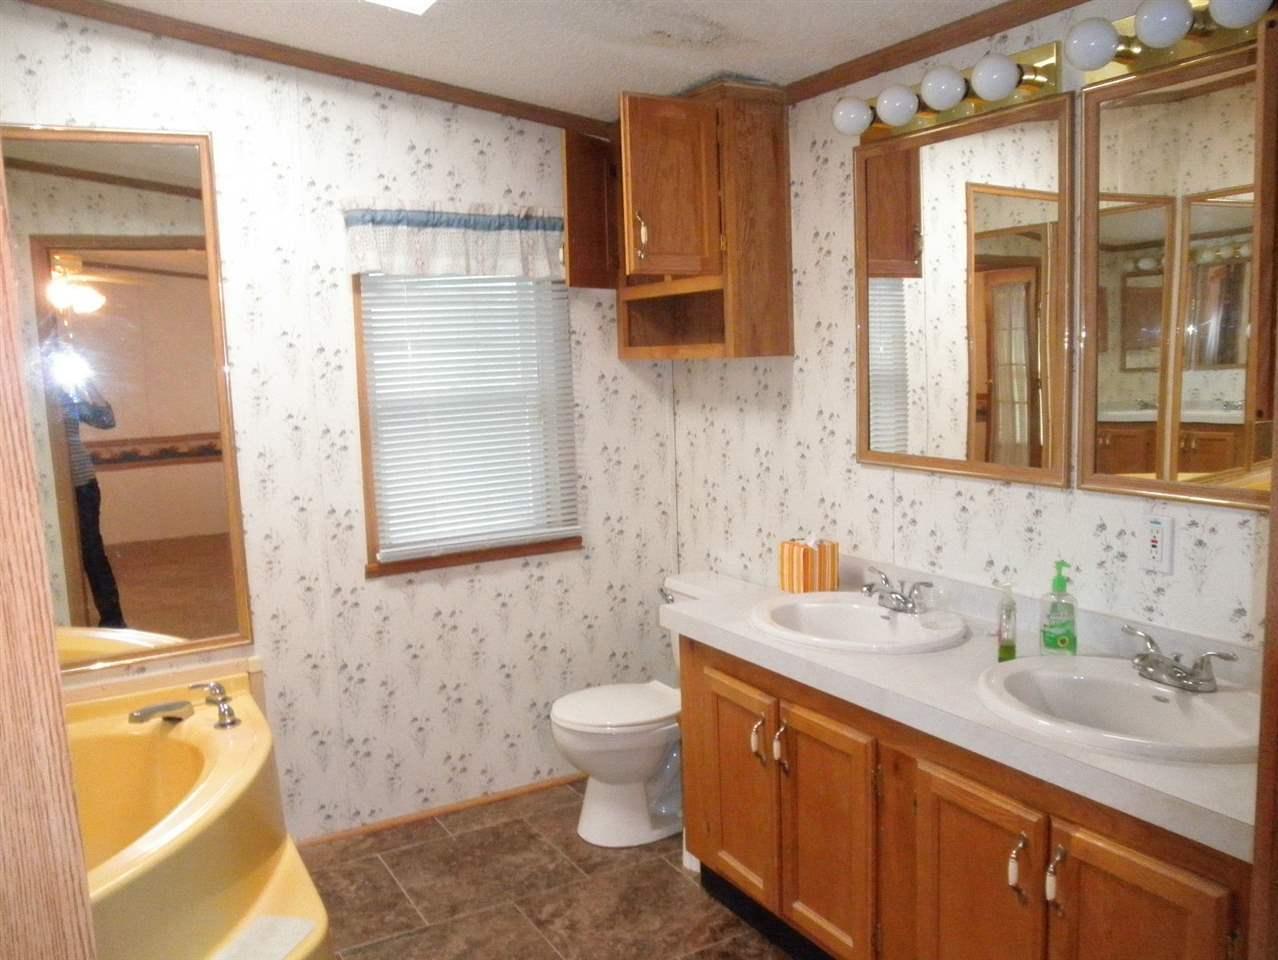 Sold Cross Sale W/ MLS | 1 Northfork Rd. Kaw City, OK 74641 10